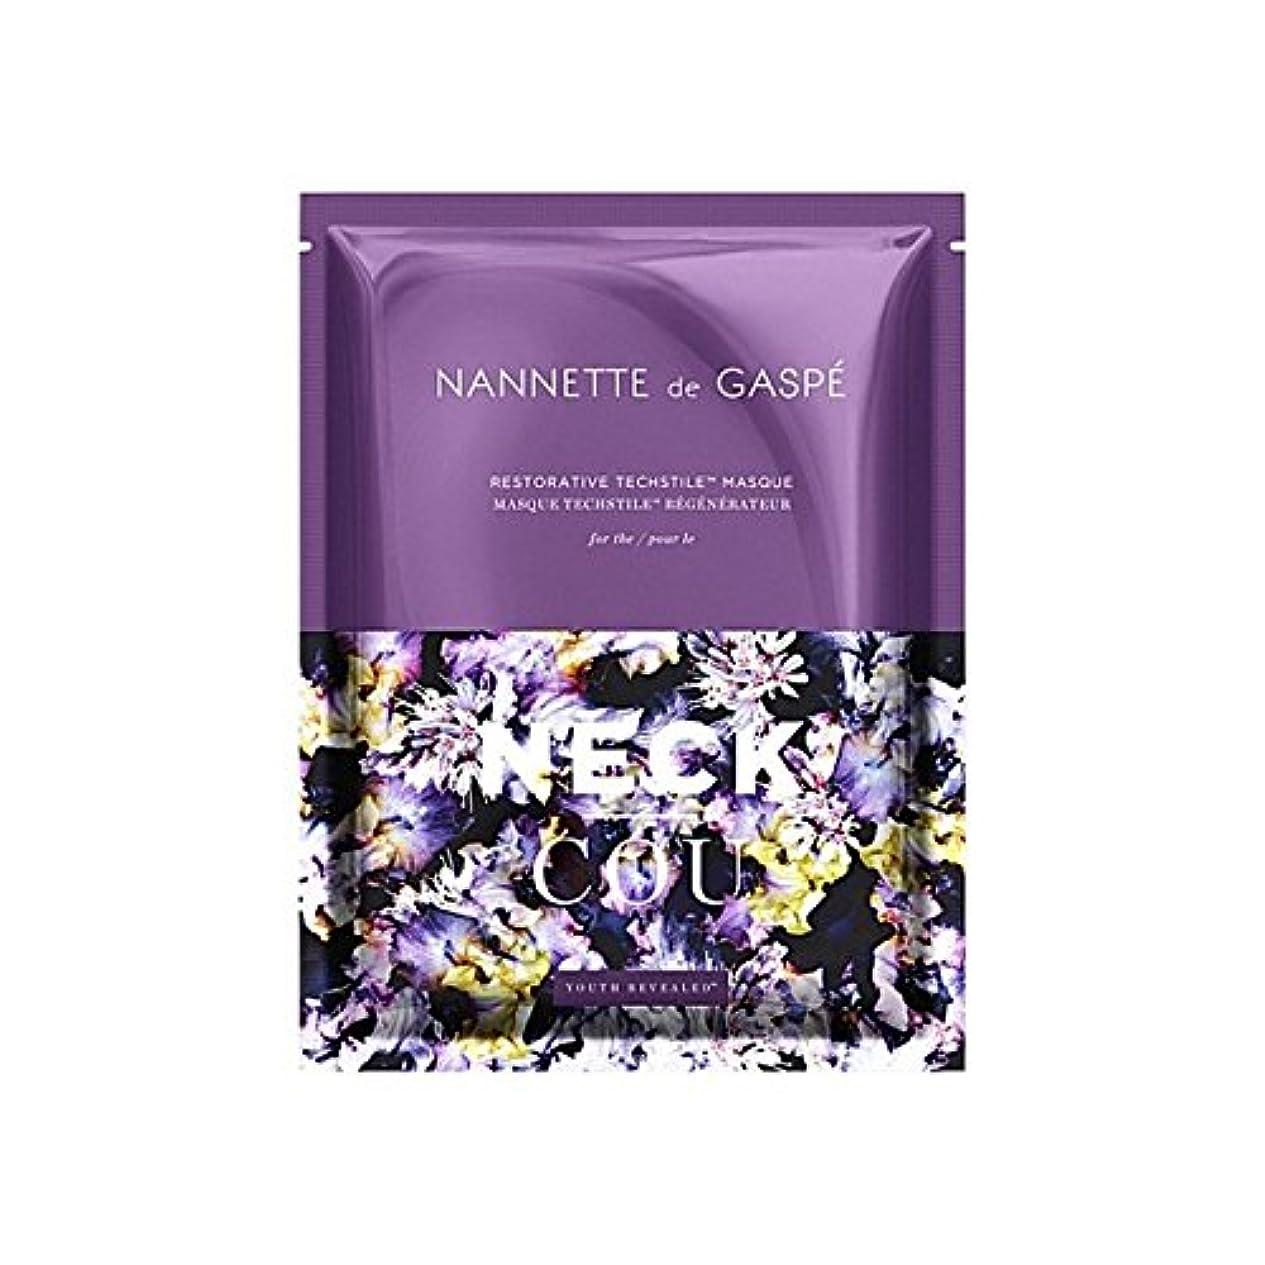 資料クロール比喩Nannette De Gaspe Restorative Techstile Neck Masque (Pack of 6) - デガスペ修復首の仮面劇 x6 [並行輸入品]